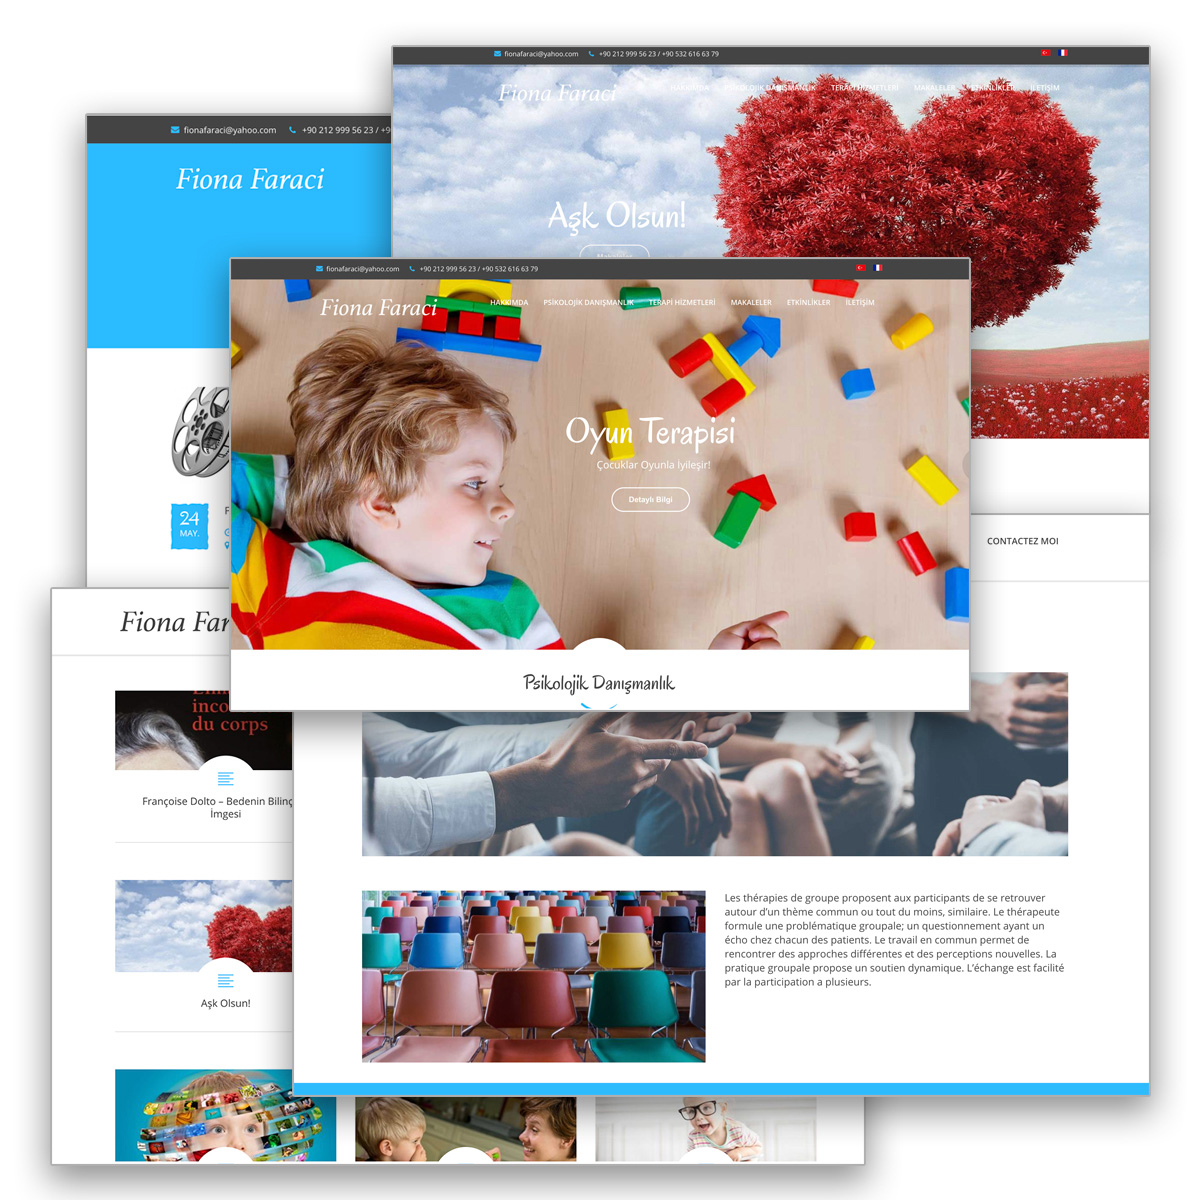 fiona faraci website s